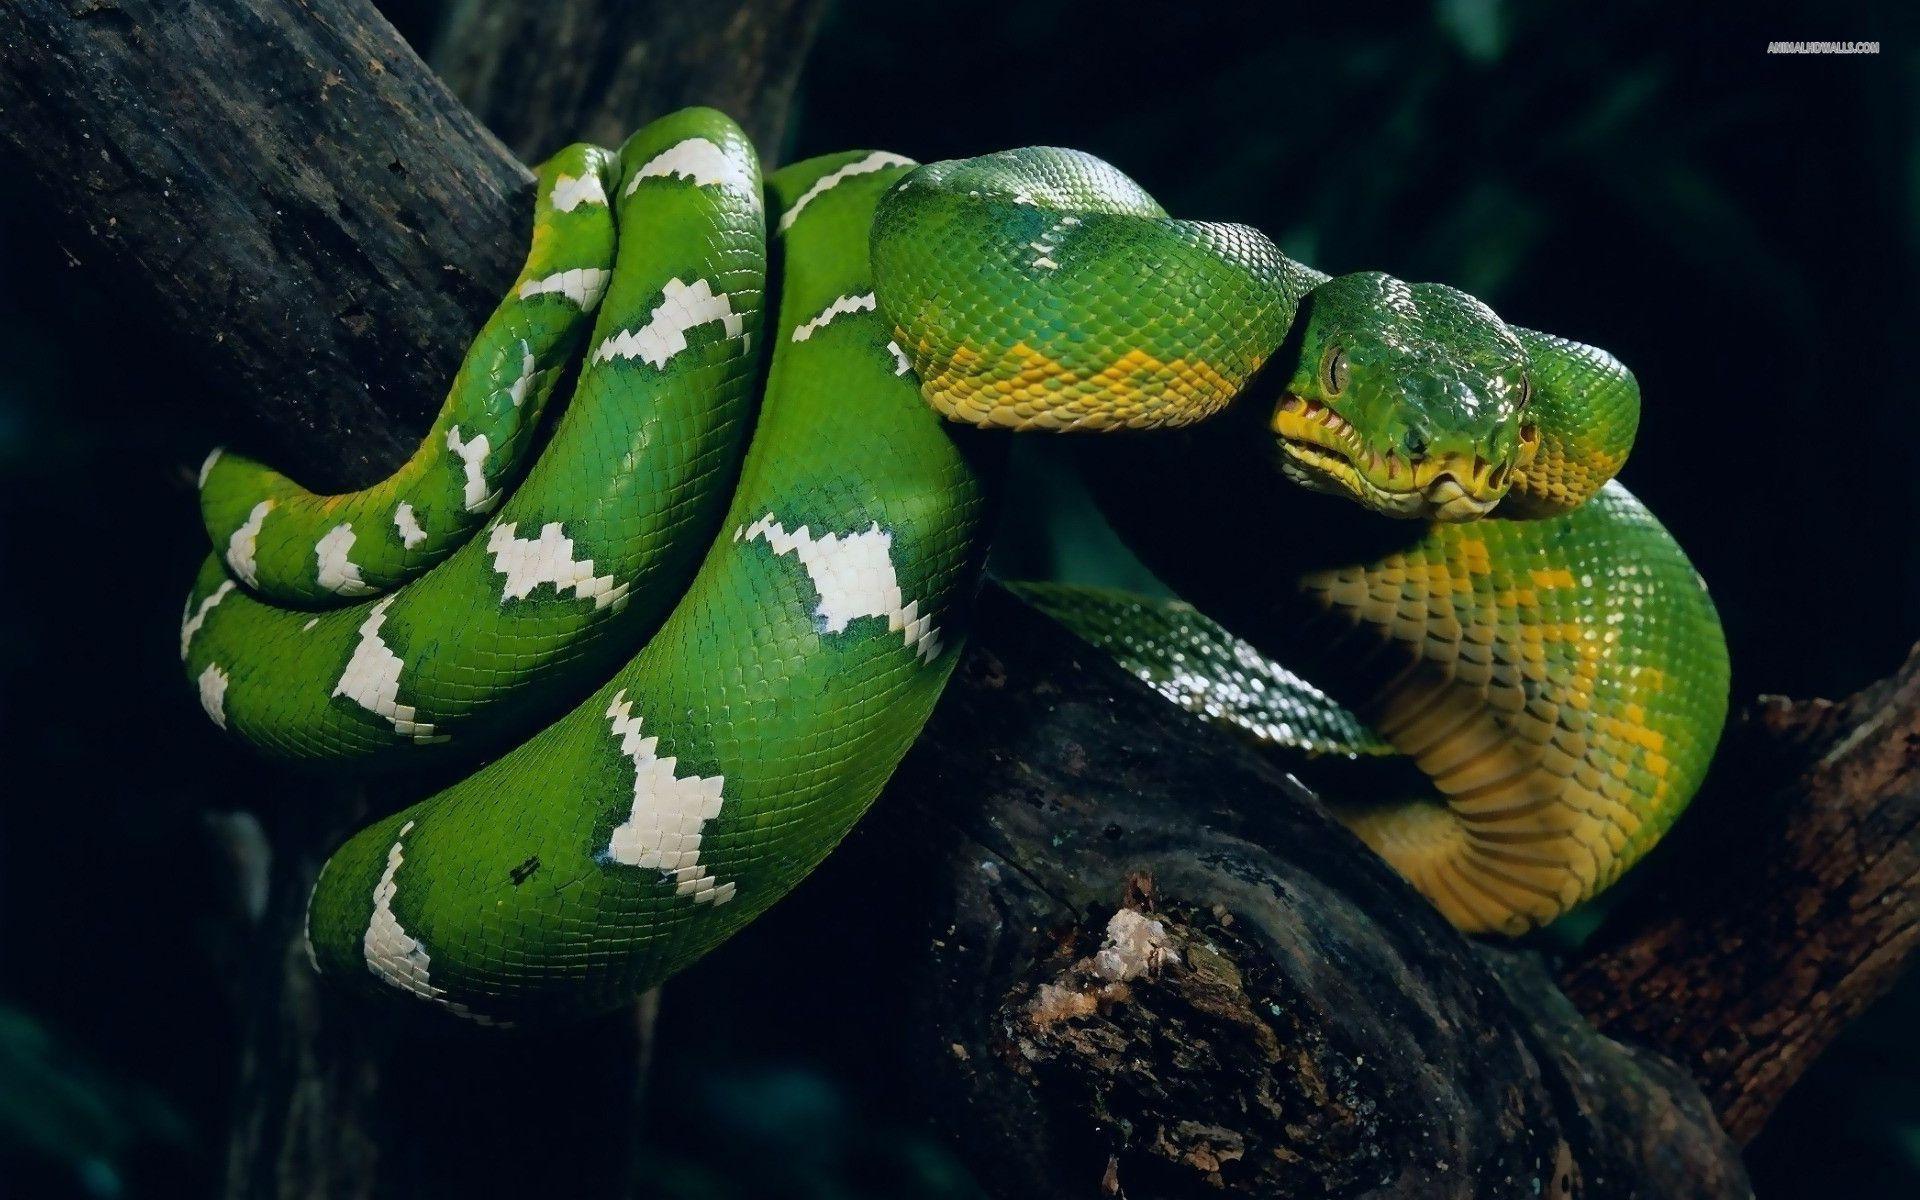 Snake wallpaper #